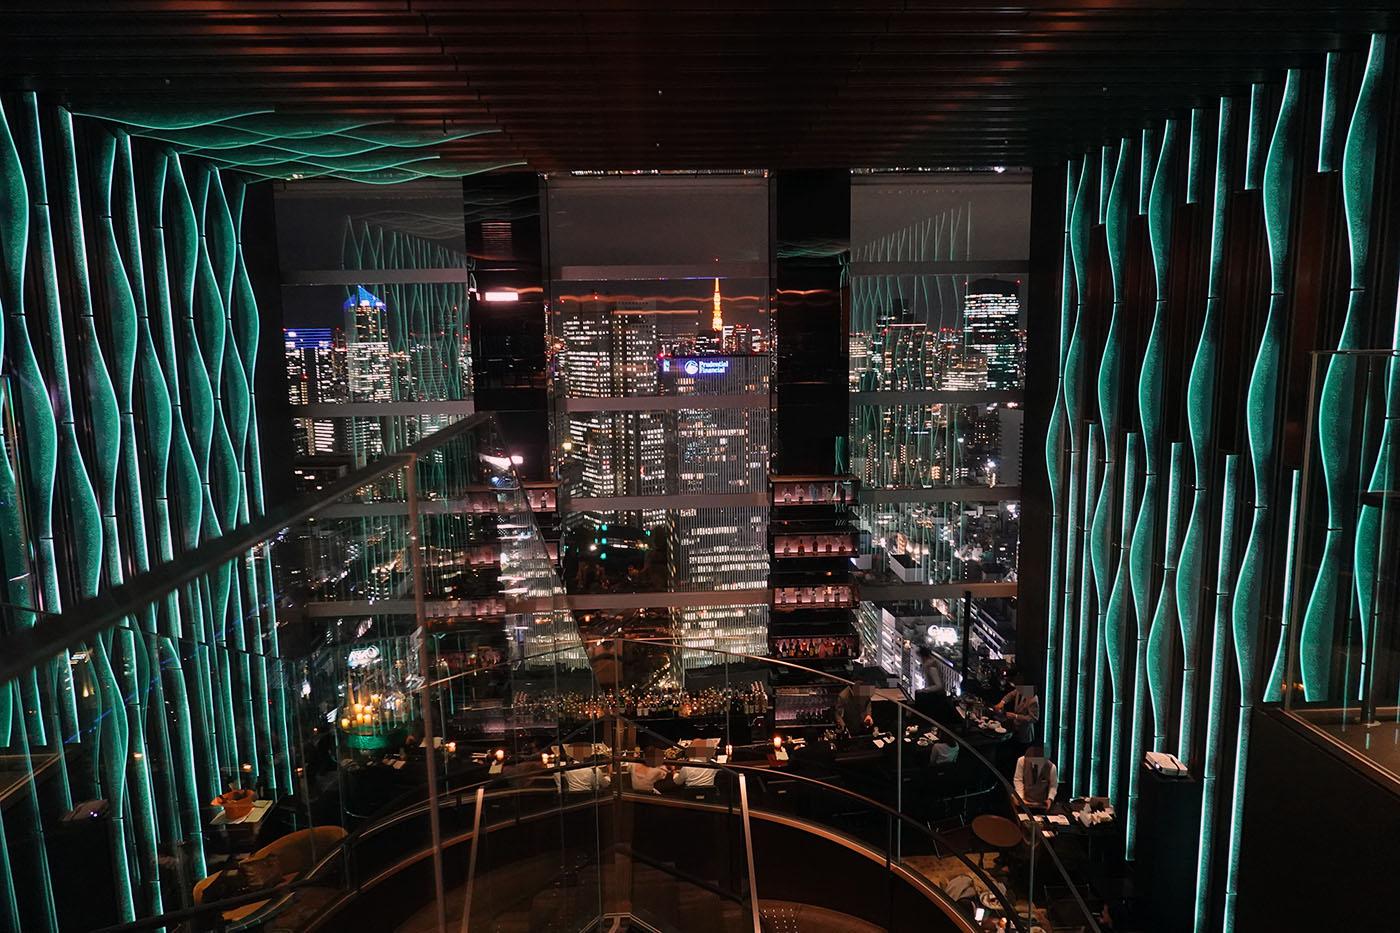 ザ・プリンスギャラリー東京紀尾井町Sky Gallery Lounge Levita